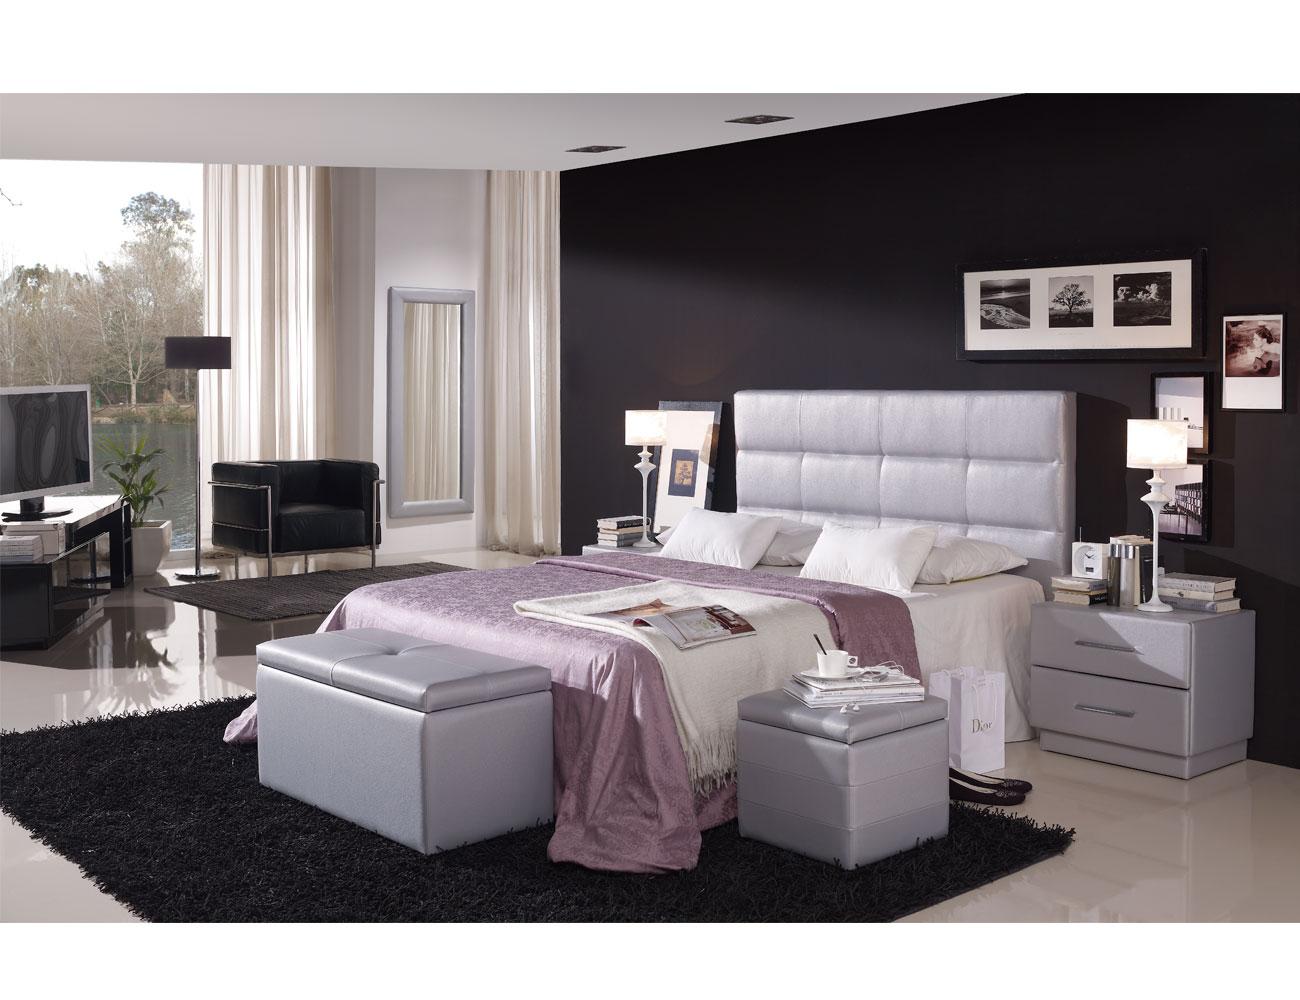 23 marco tapizado dormitorio927